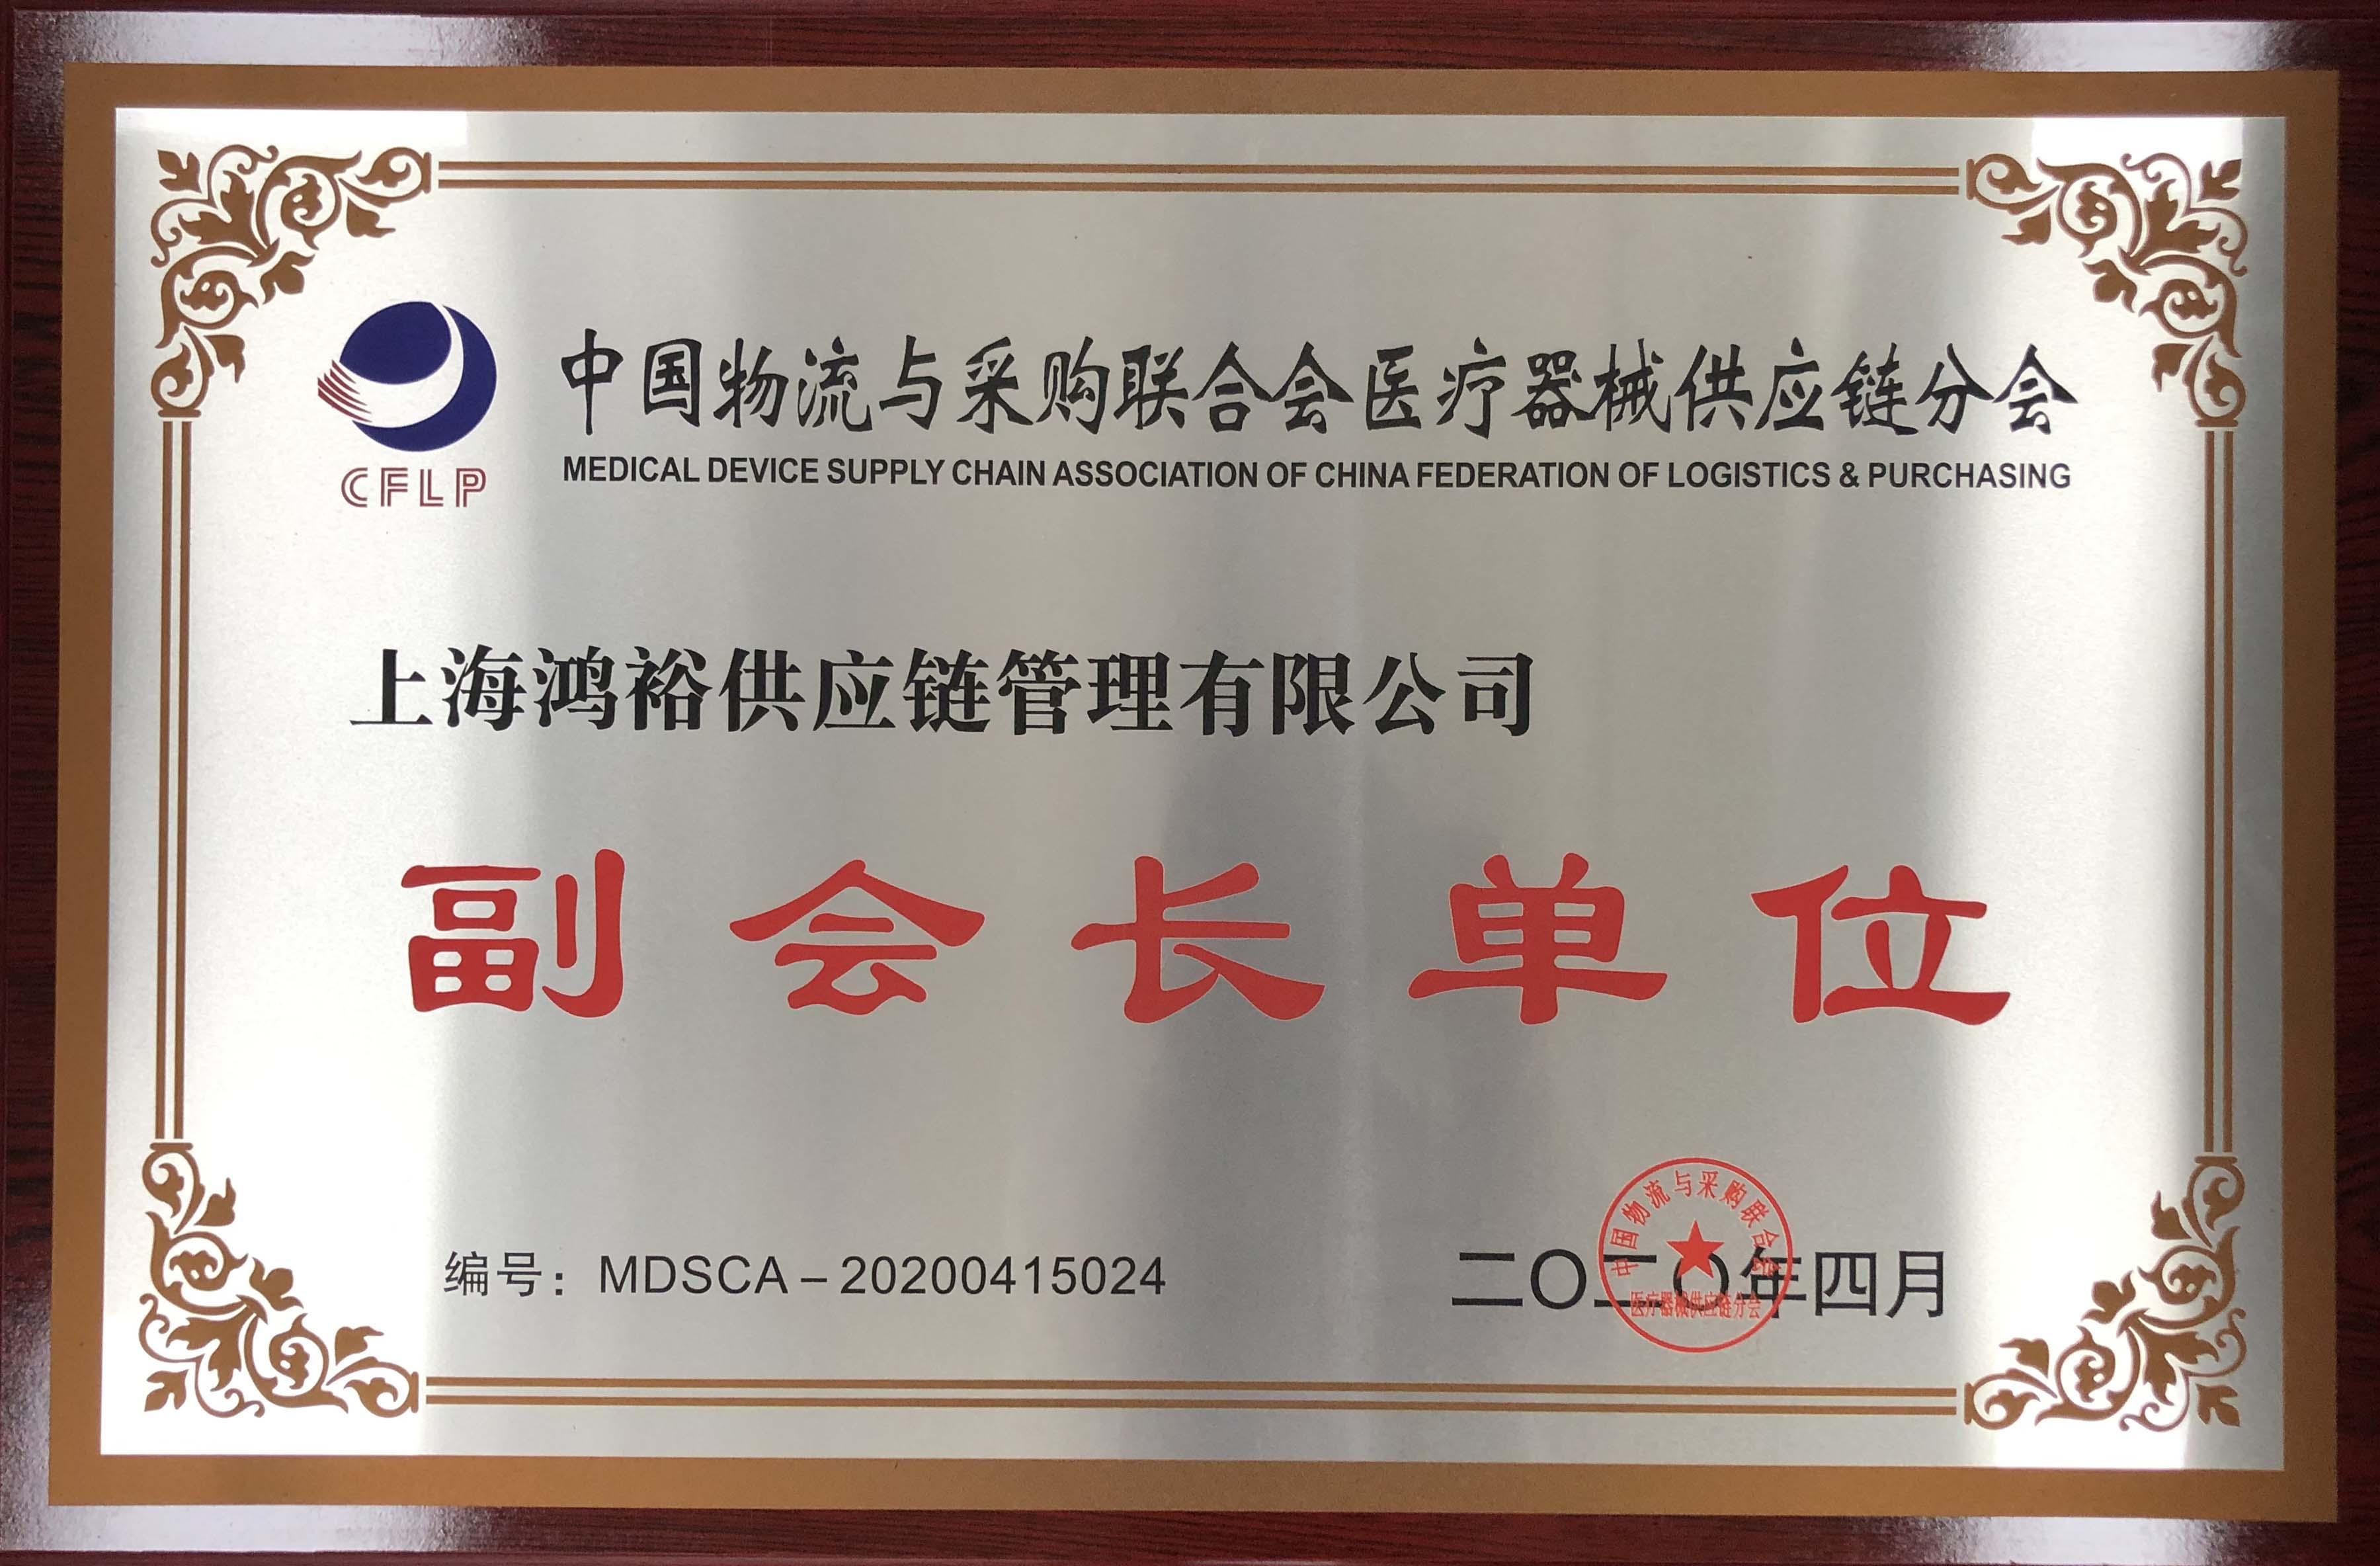 祝贺鸿裕供应链成为中物联医疗器械供应链分会副会长单位